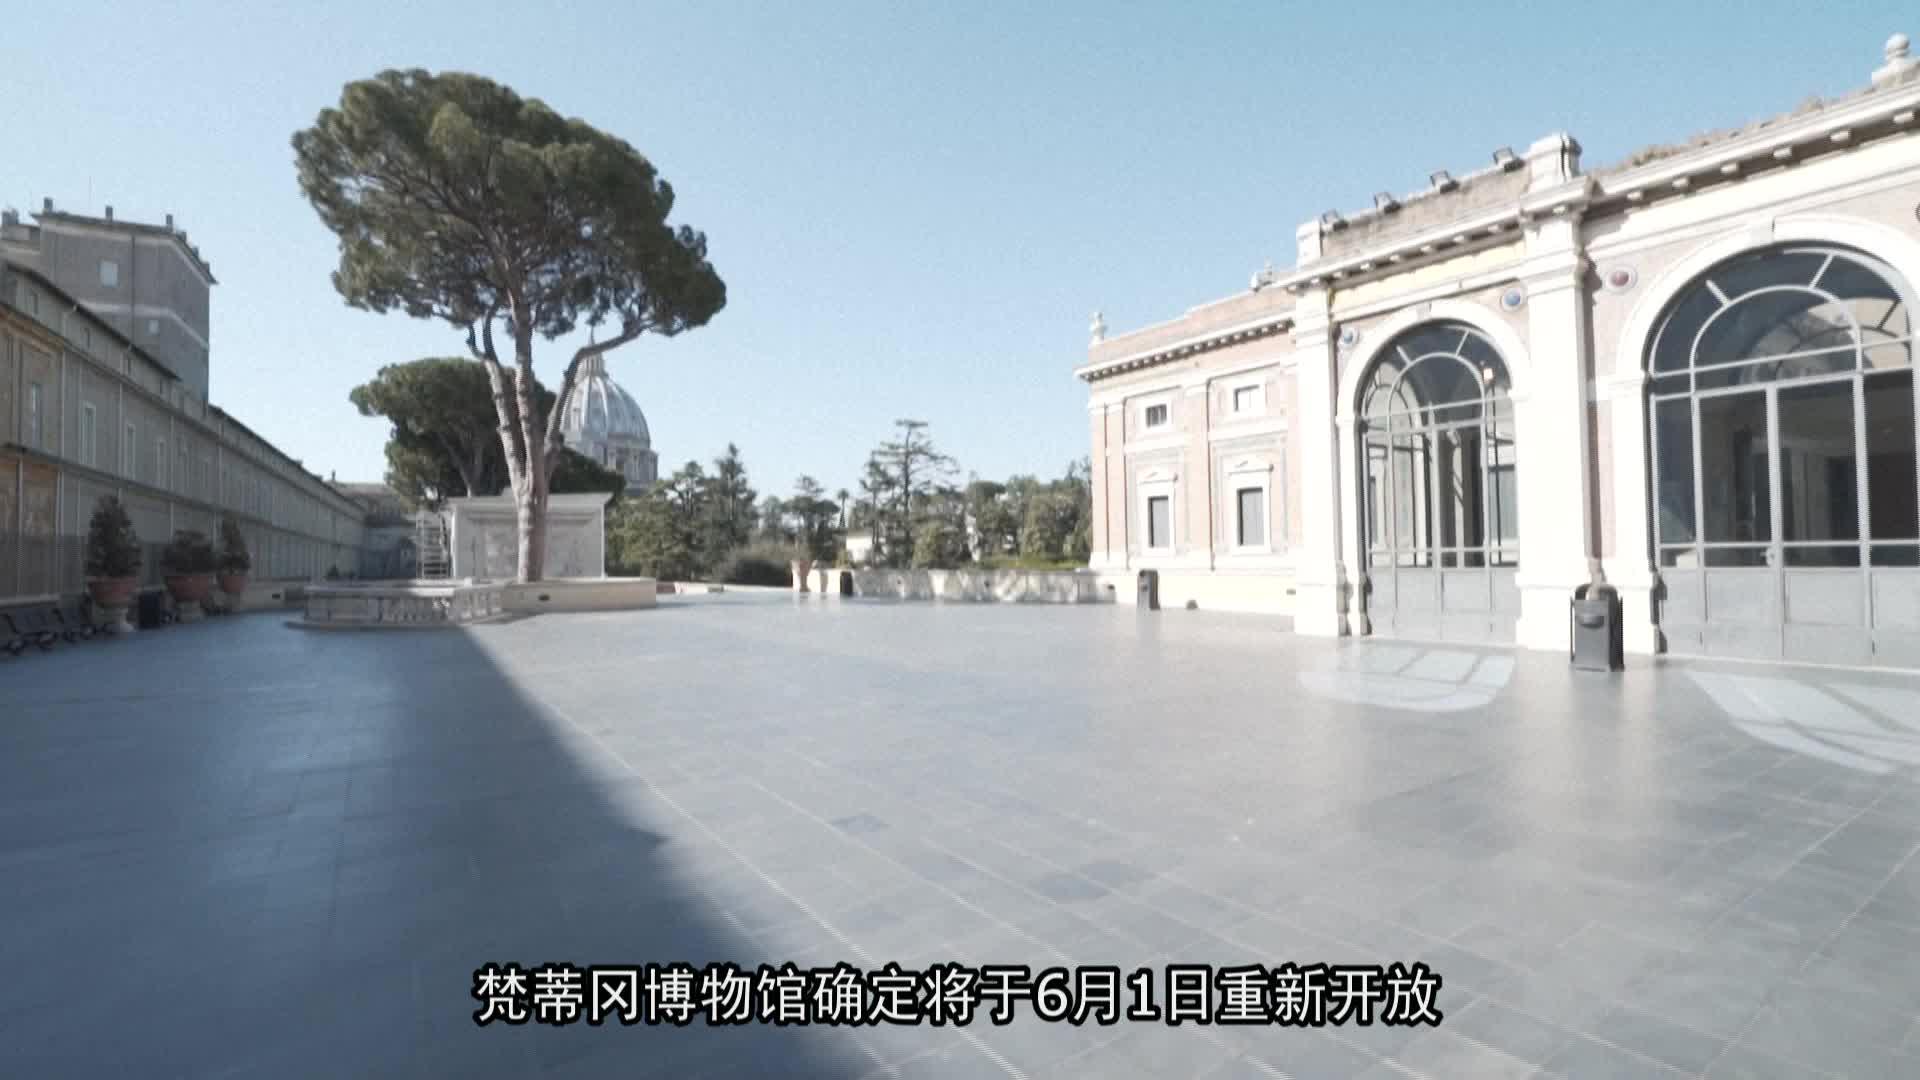 梵蒂冈博物馆将于6月1日重新开放